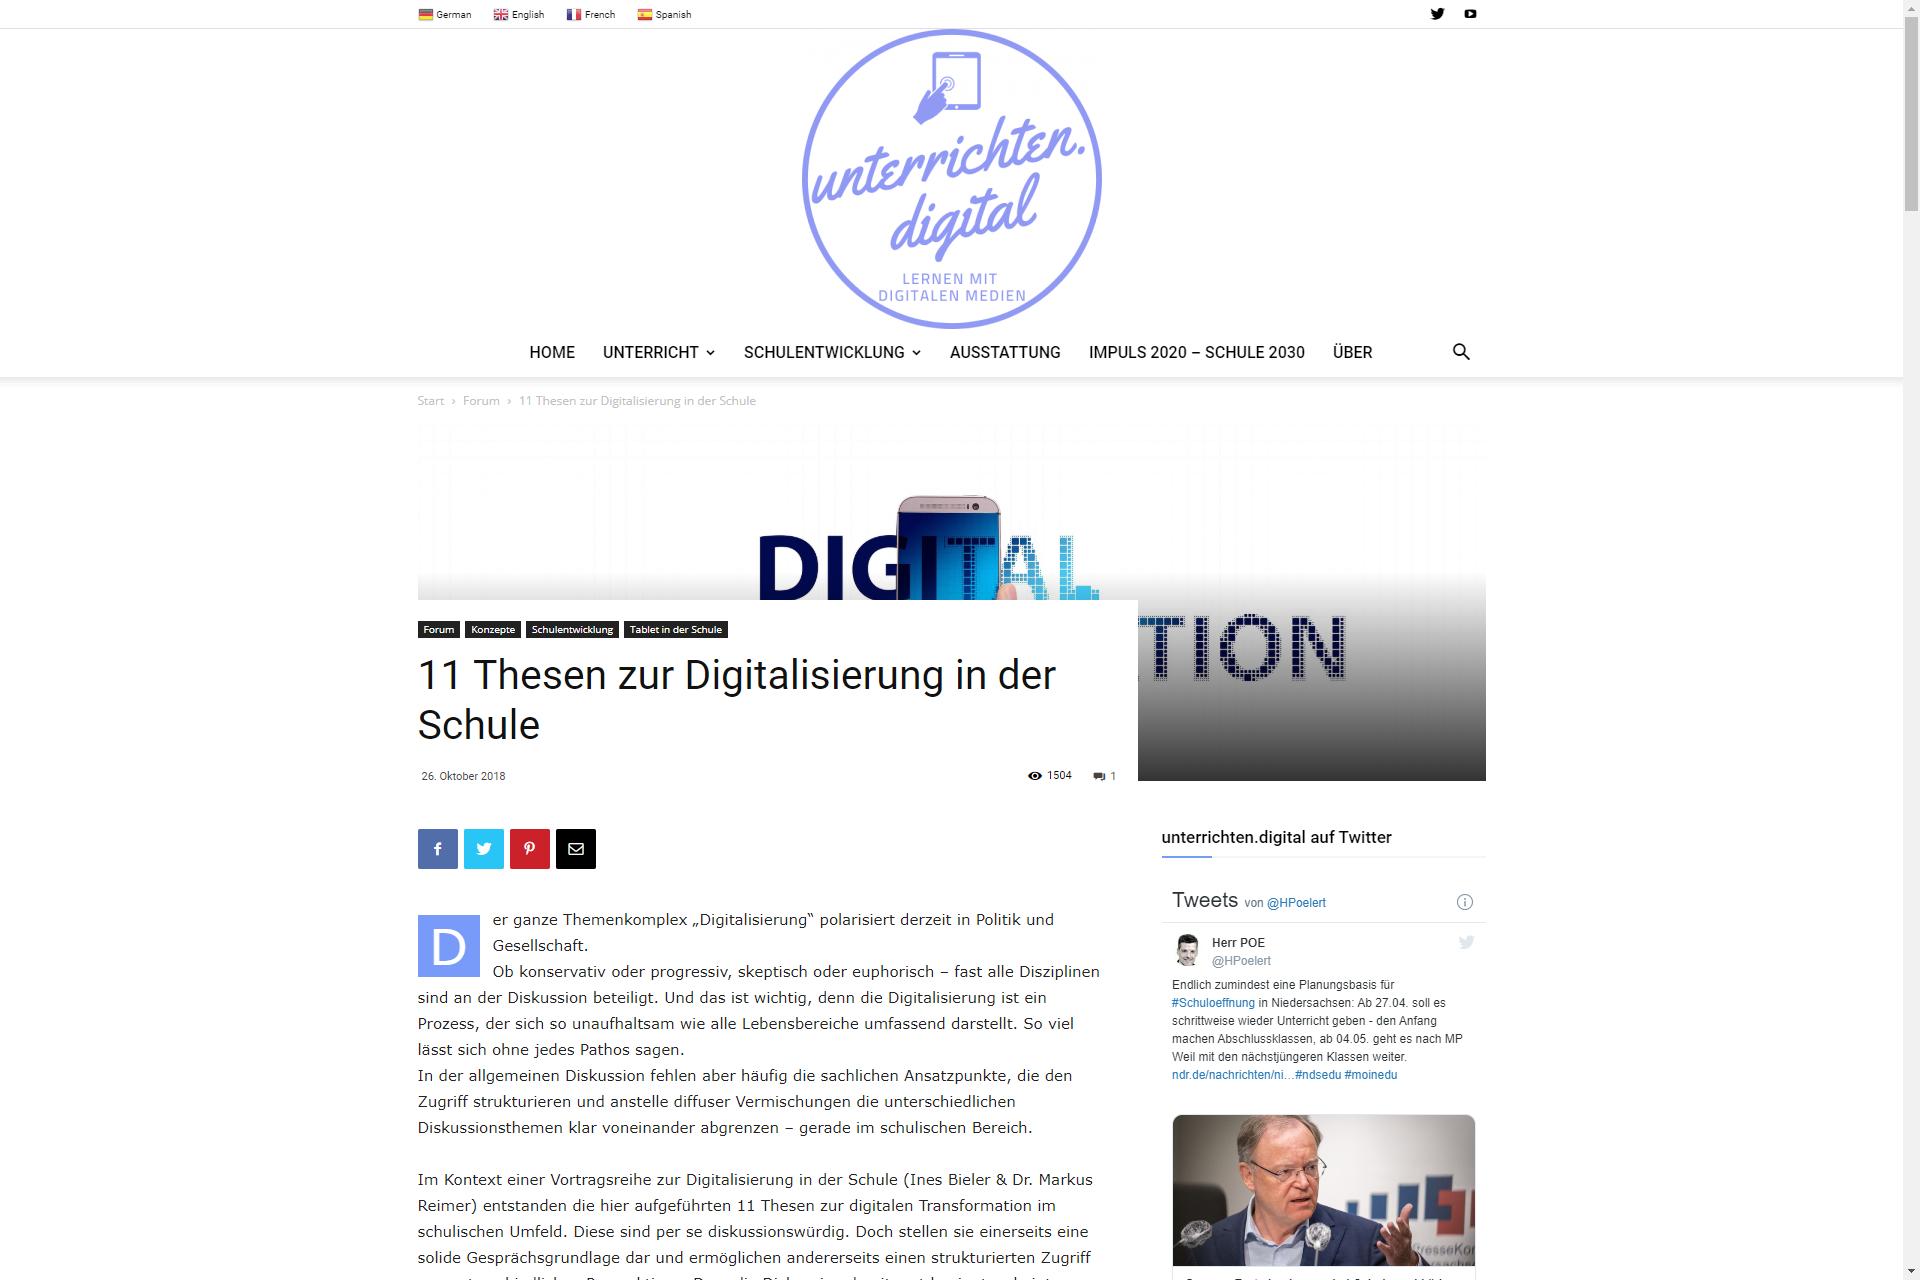 Screenshot Webseite unterrichten. digital: 11 Thesen zur Digitalisierung in der Schule (16.04.2020)